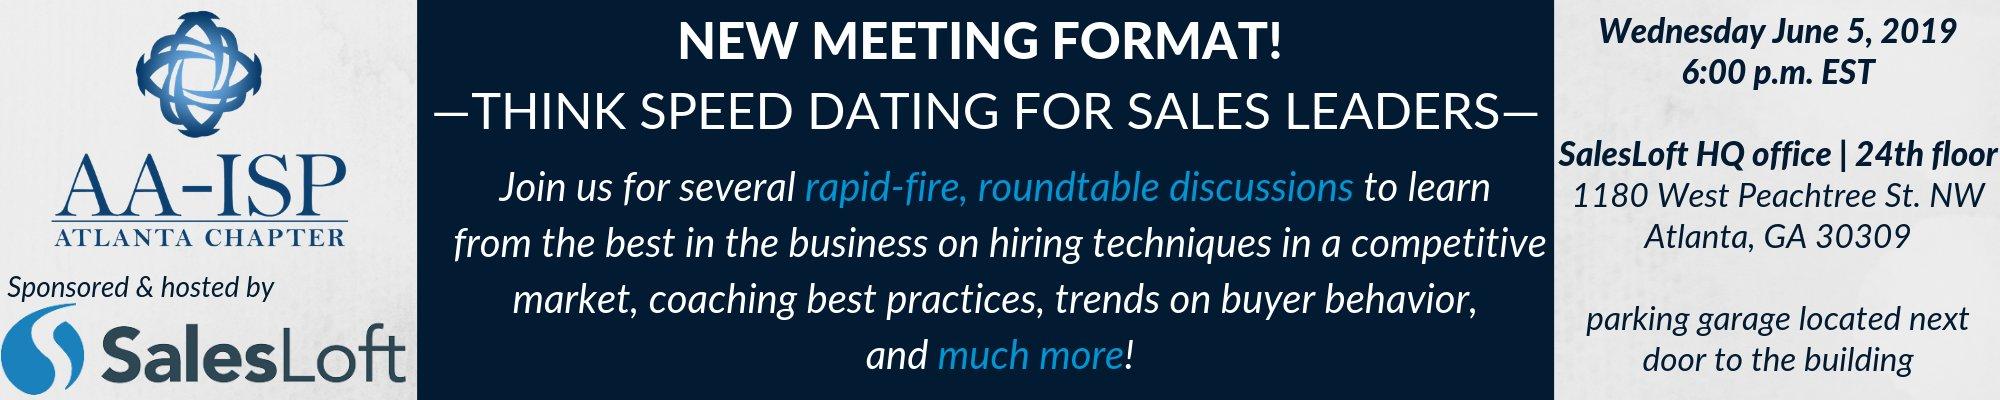 Geschwindigkeit Dating Meetingformat